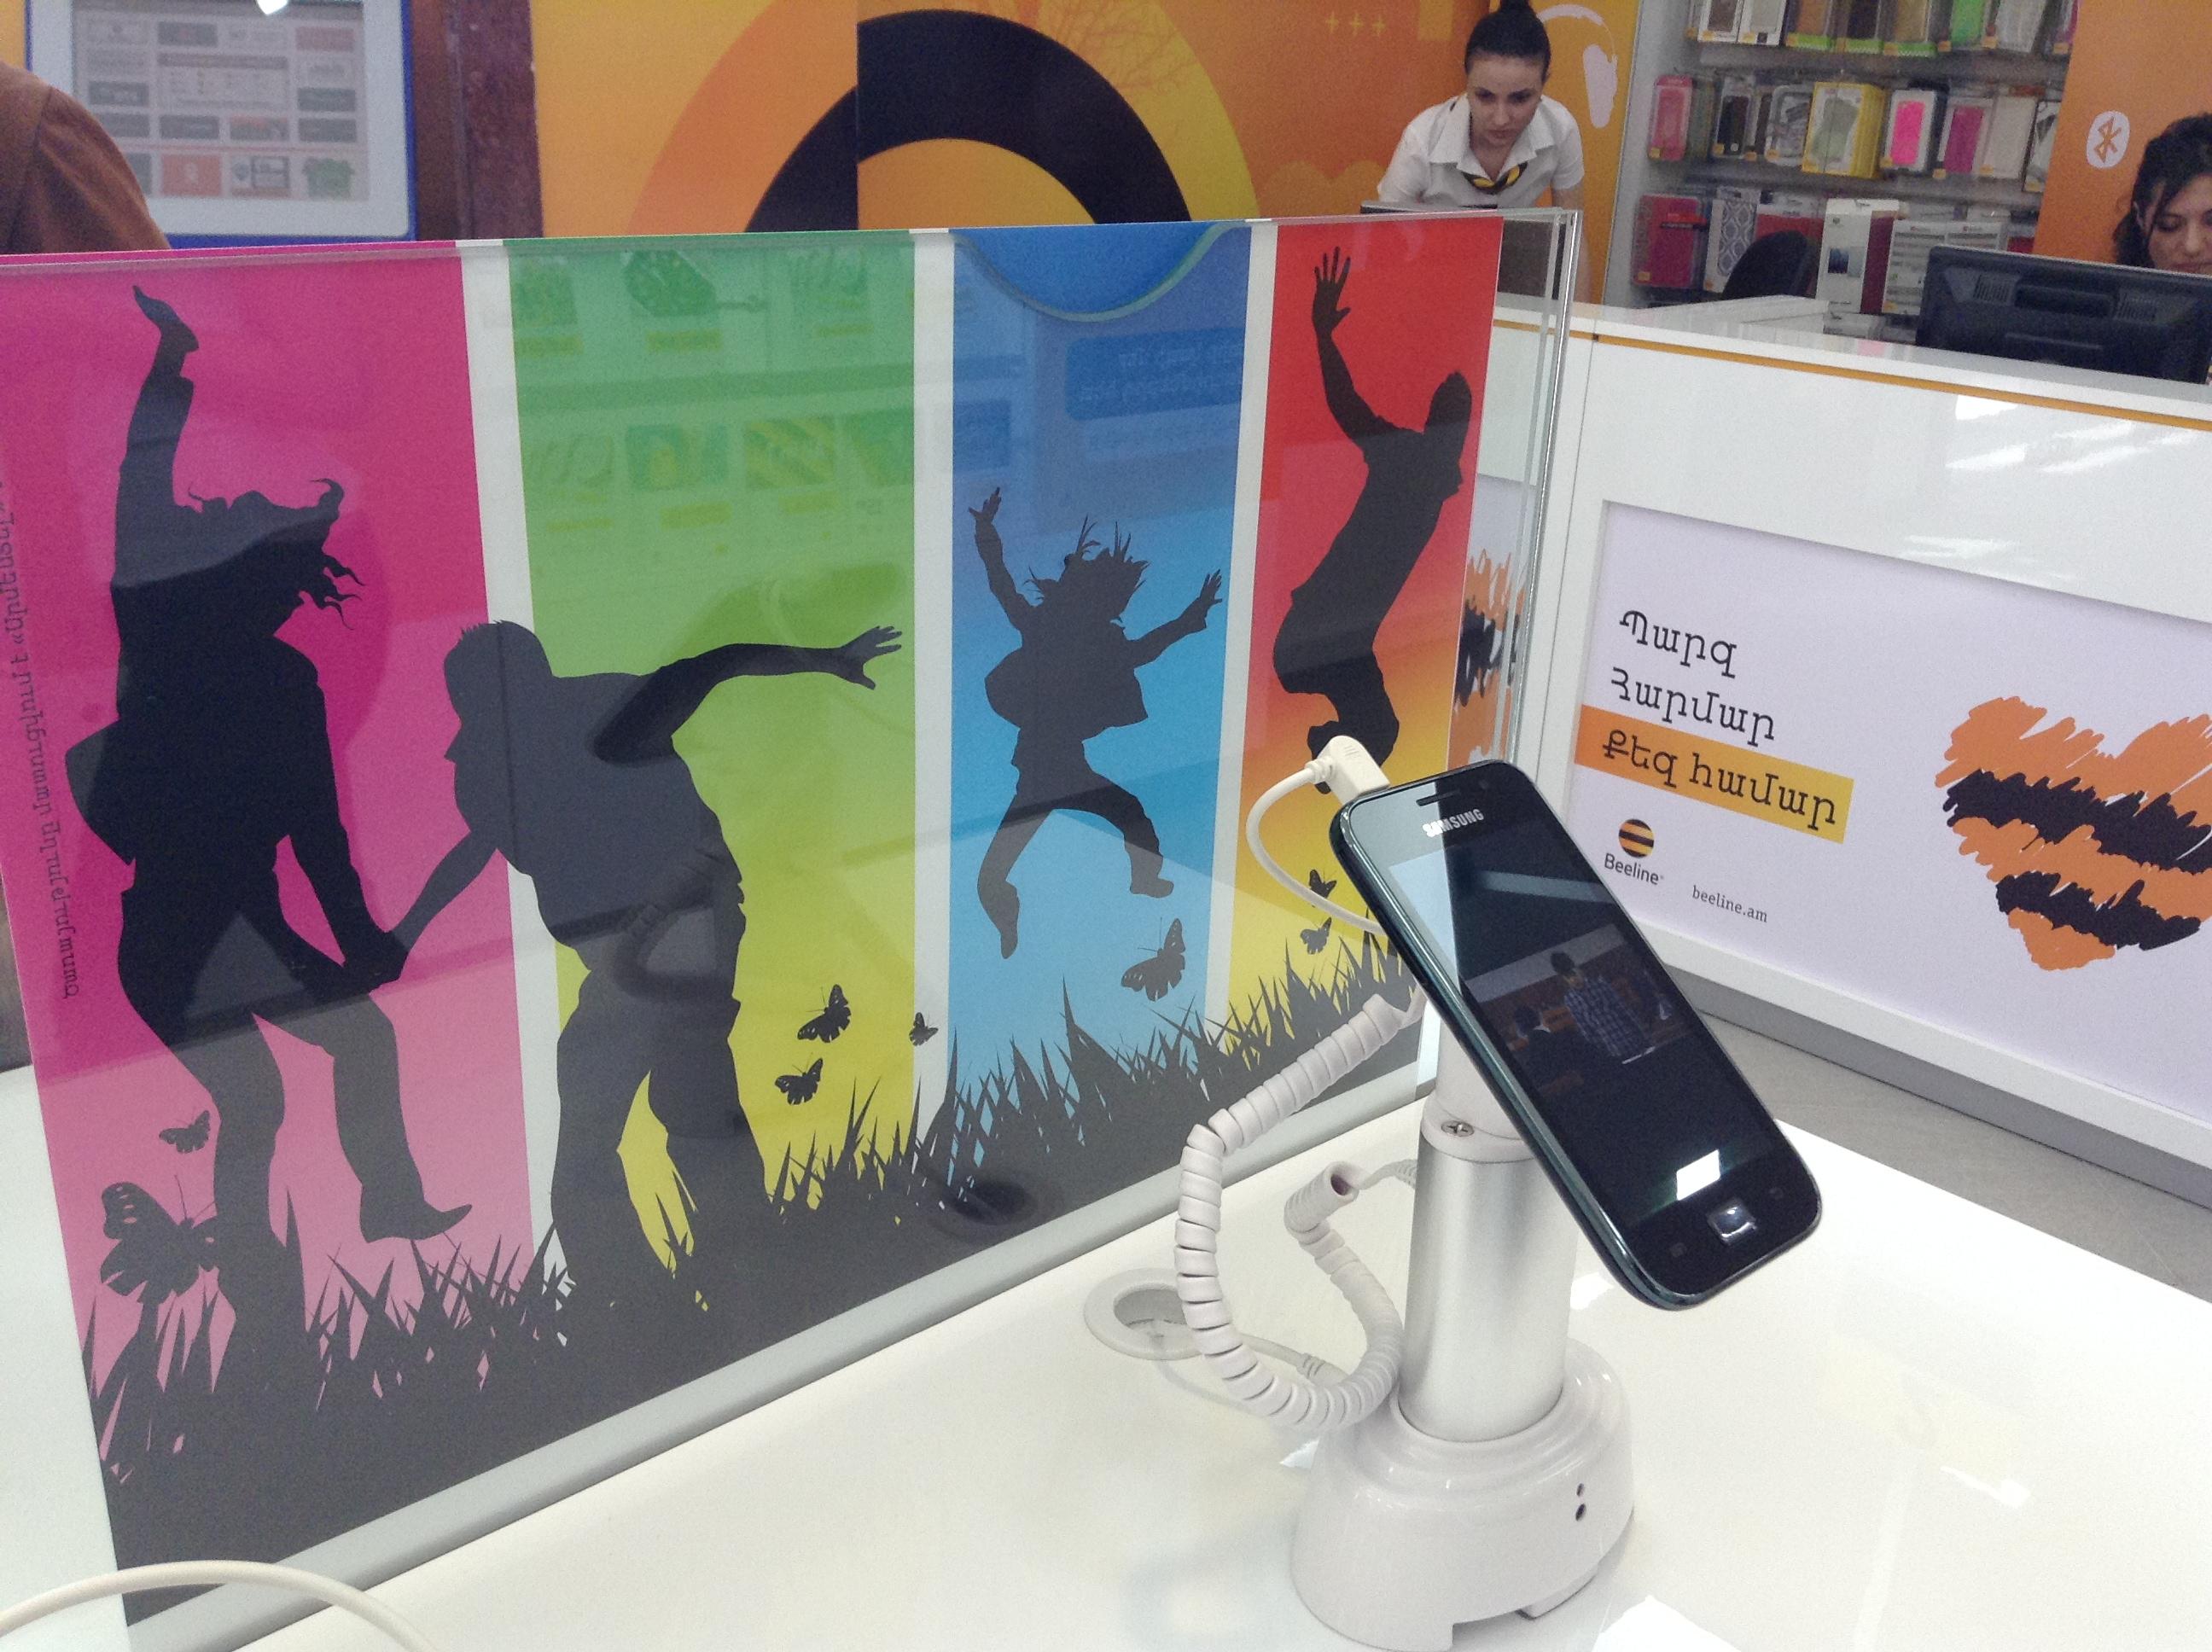 Beeline-ը վերաբացել է վաճառքի և սպասարկման գրասենյակներ Երևանում, Արարատում և Եղեգնաձորում